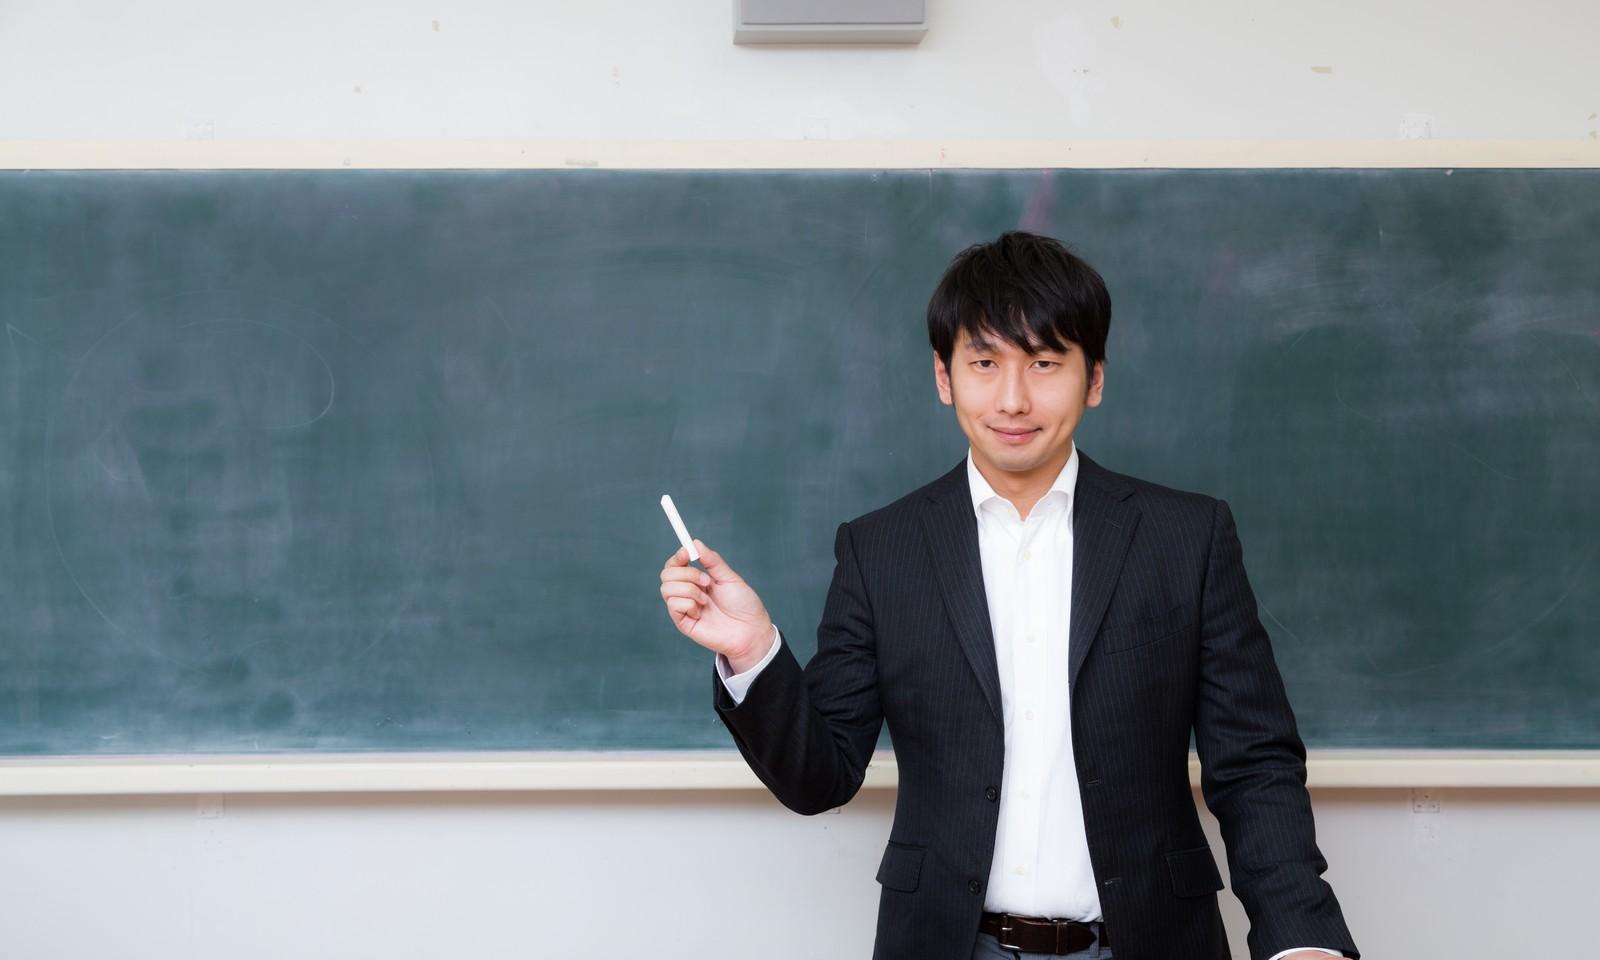 東海高校(愛知県)の主要大学合格者数・進学実績(2018年)